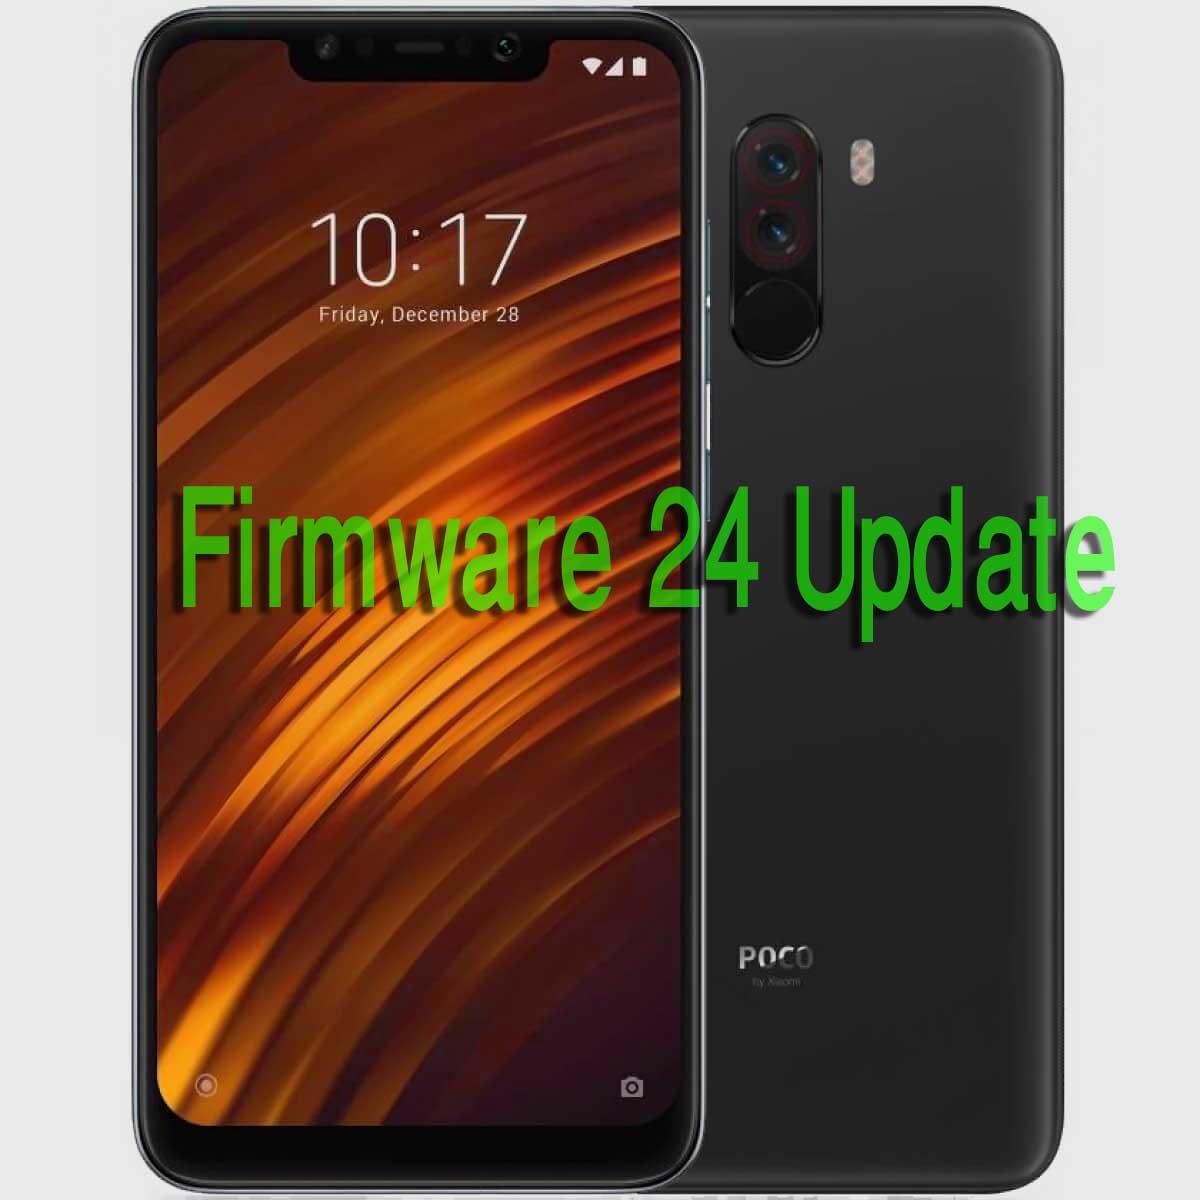 FIRMWARE 24 UPDATE